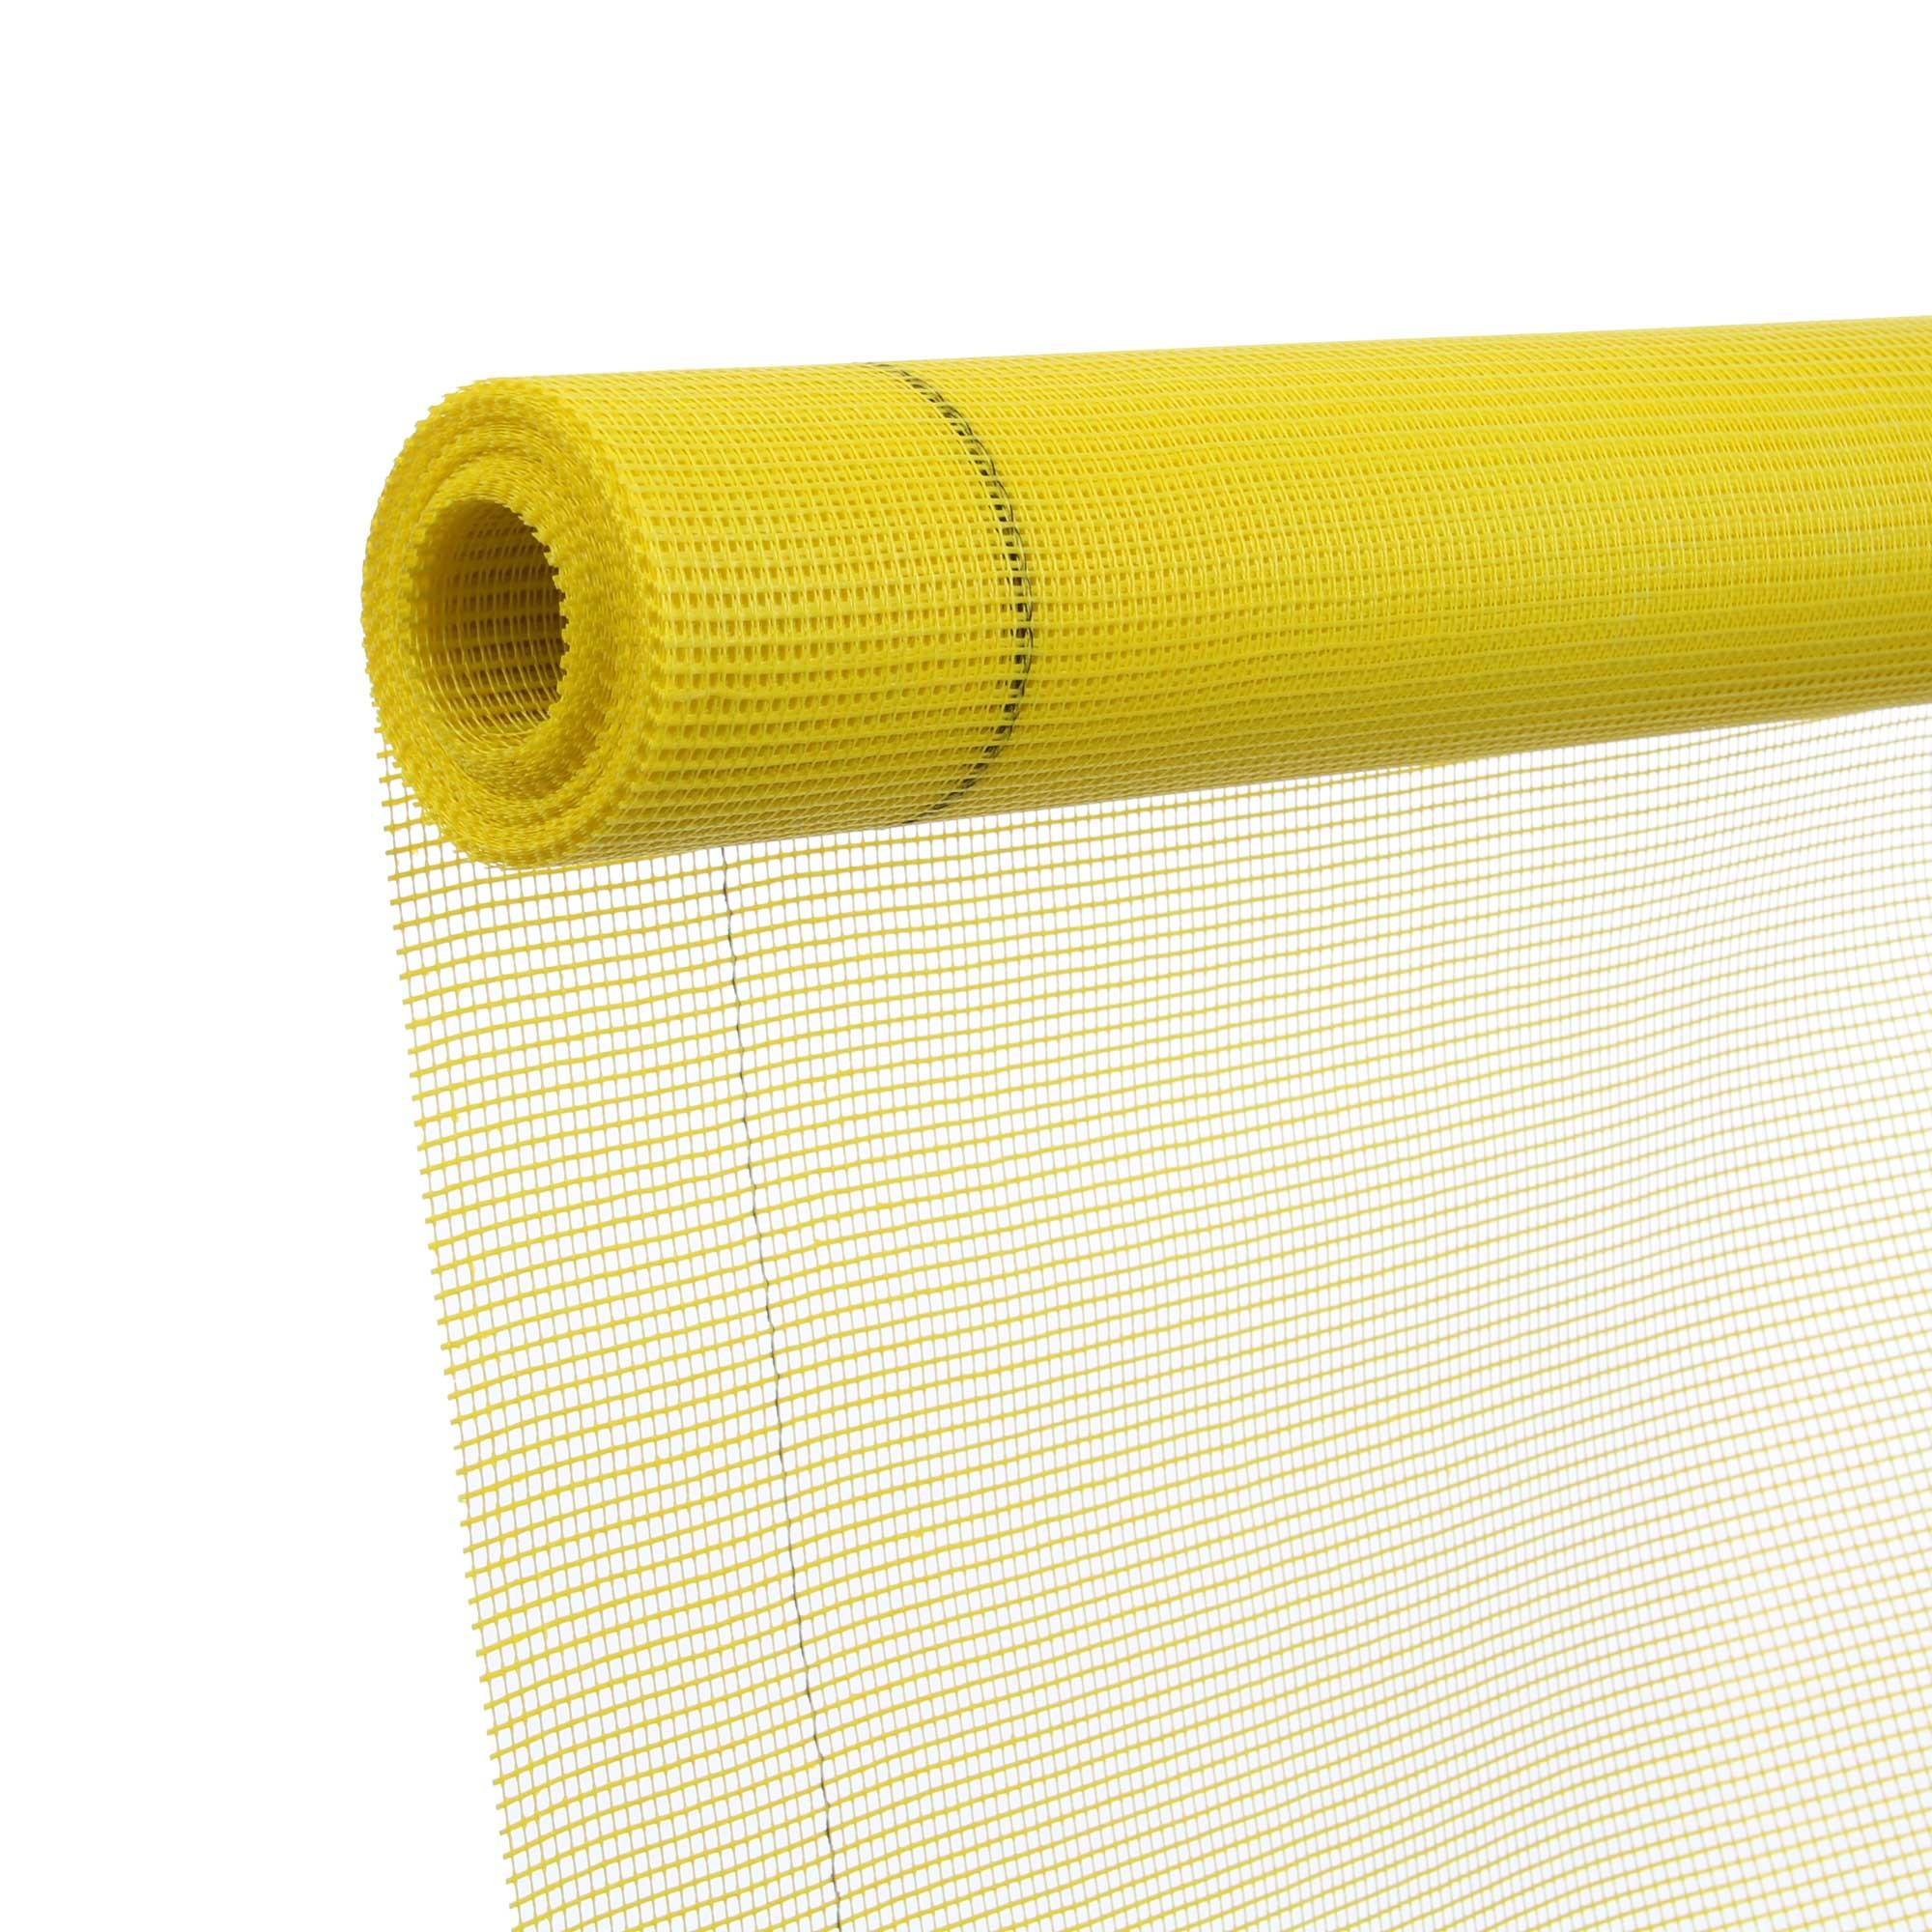 Plasa din fibra de sticla, 145 gr, 50 mp, galben imagine 2021 mathaus